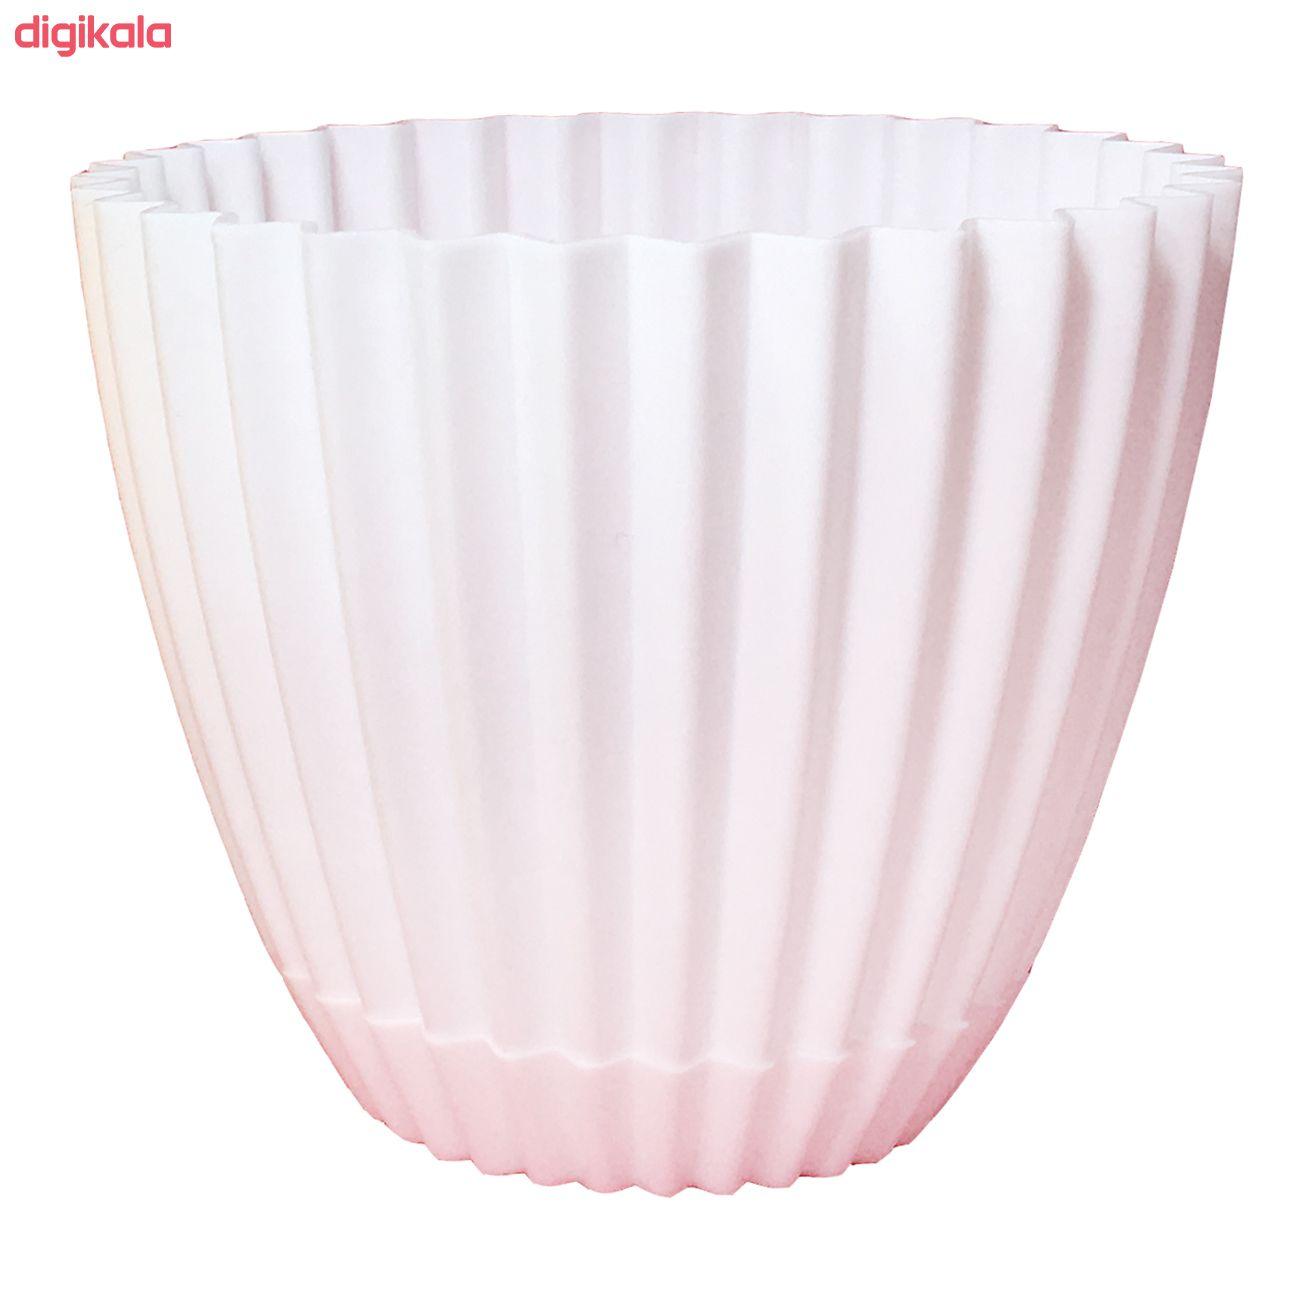 گلدان دانیال پلاستیک کد 1012 مجموعه 8 عددی main 1 5